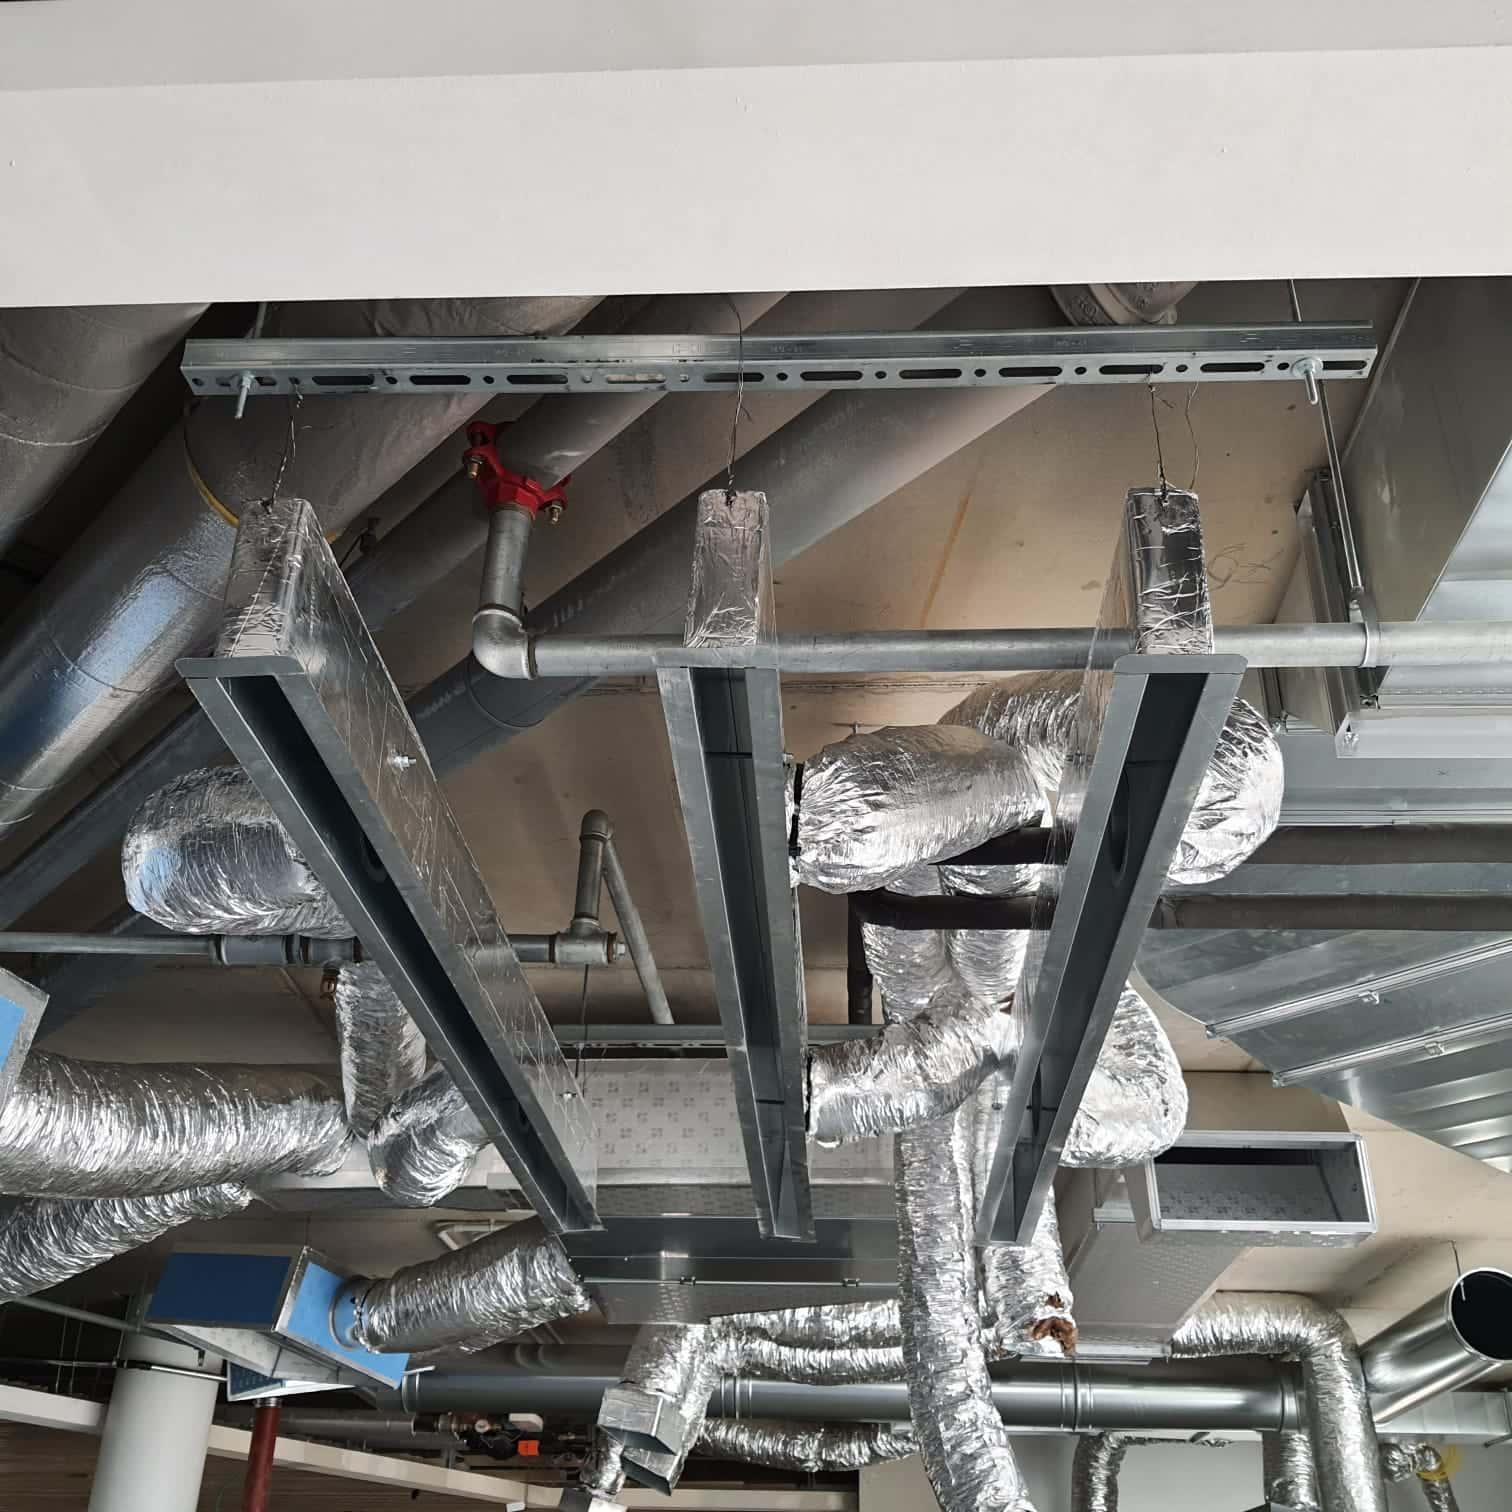 Impianto di trattamento ed espulsione aria presso attività commerciale 5